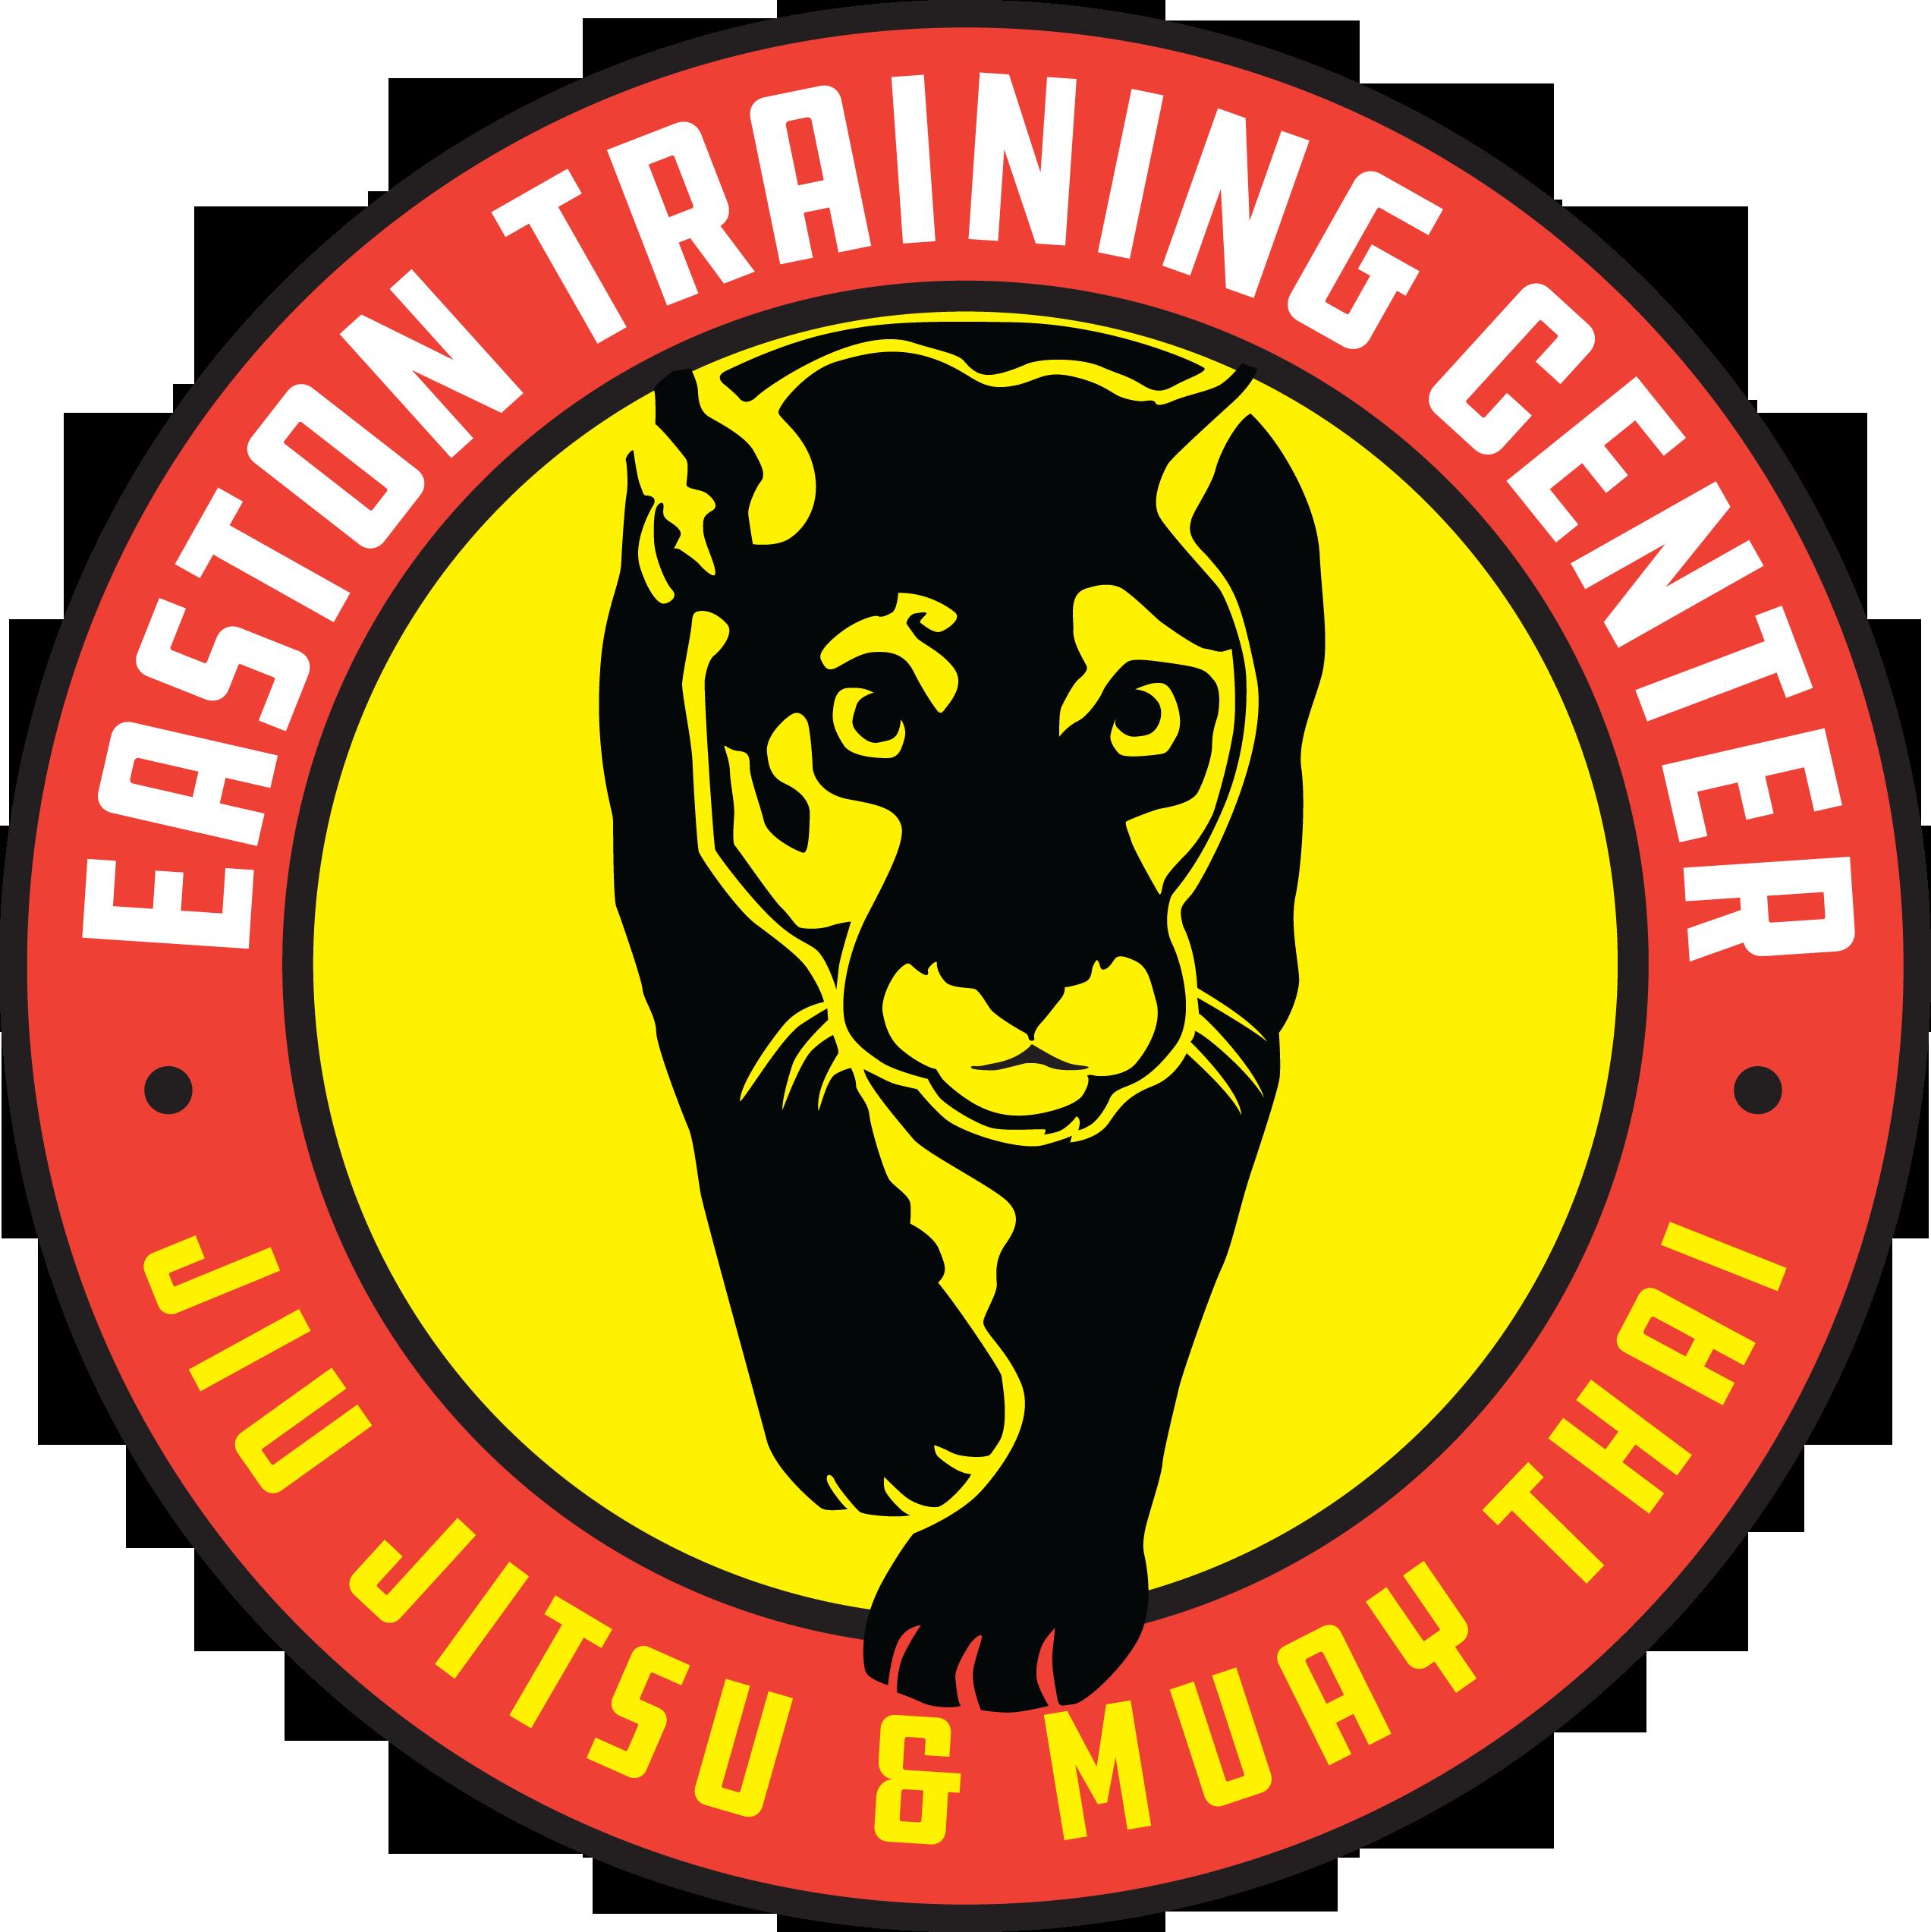 Easton Training Center logo